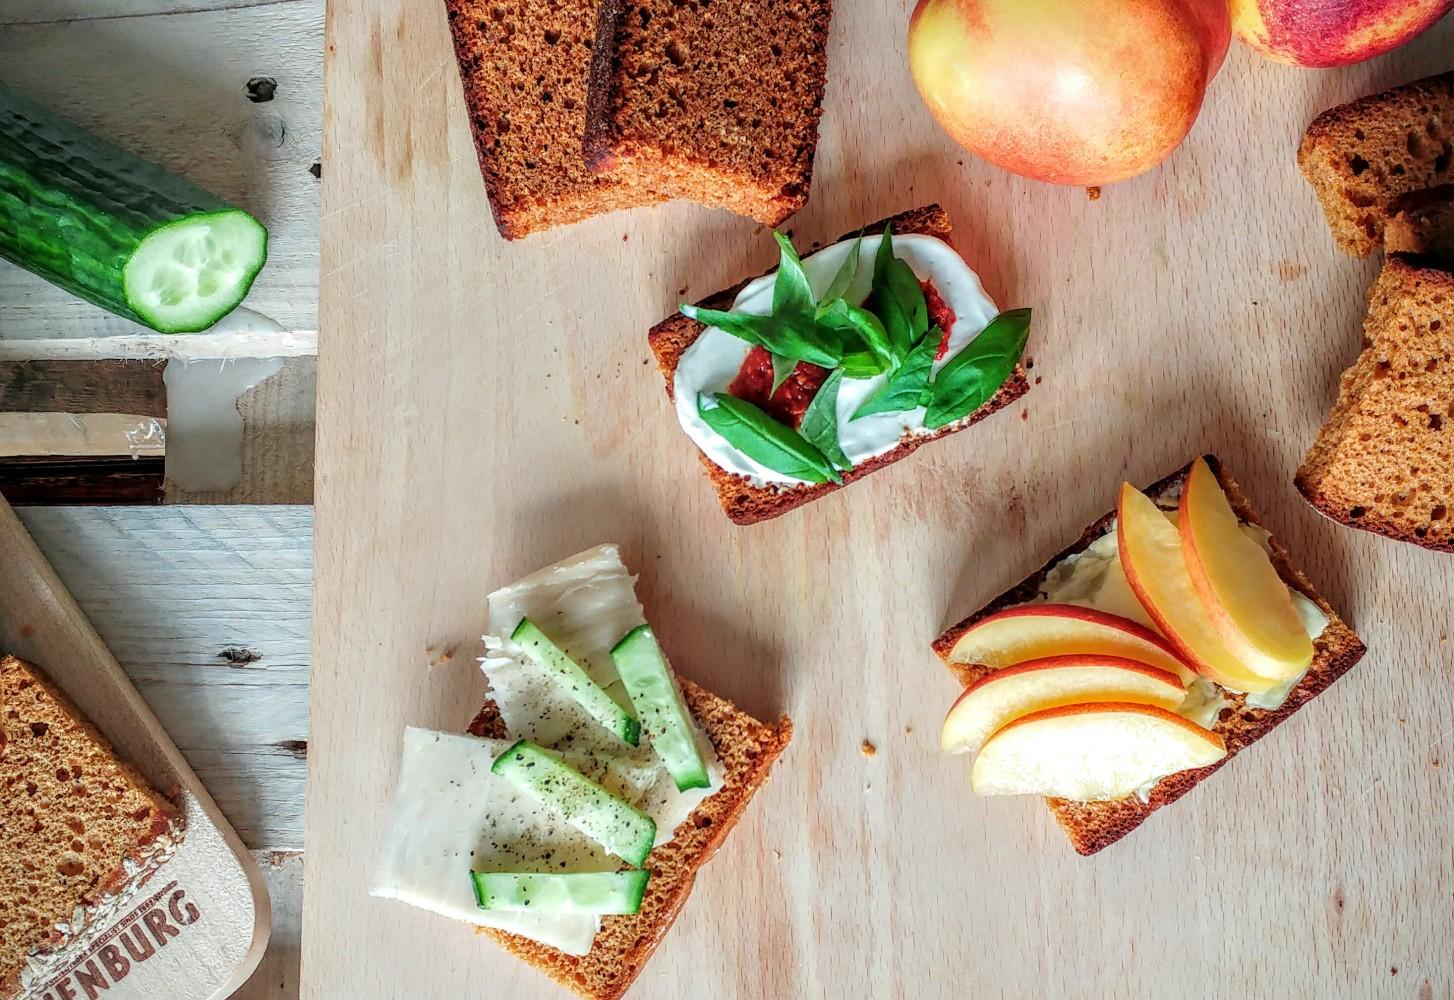 Ontbijtkoek: een verantwoorde snack? Peijnenburg